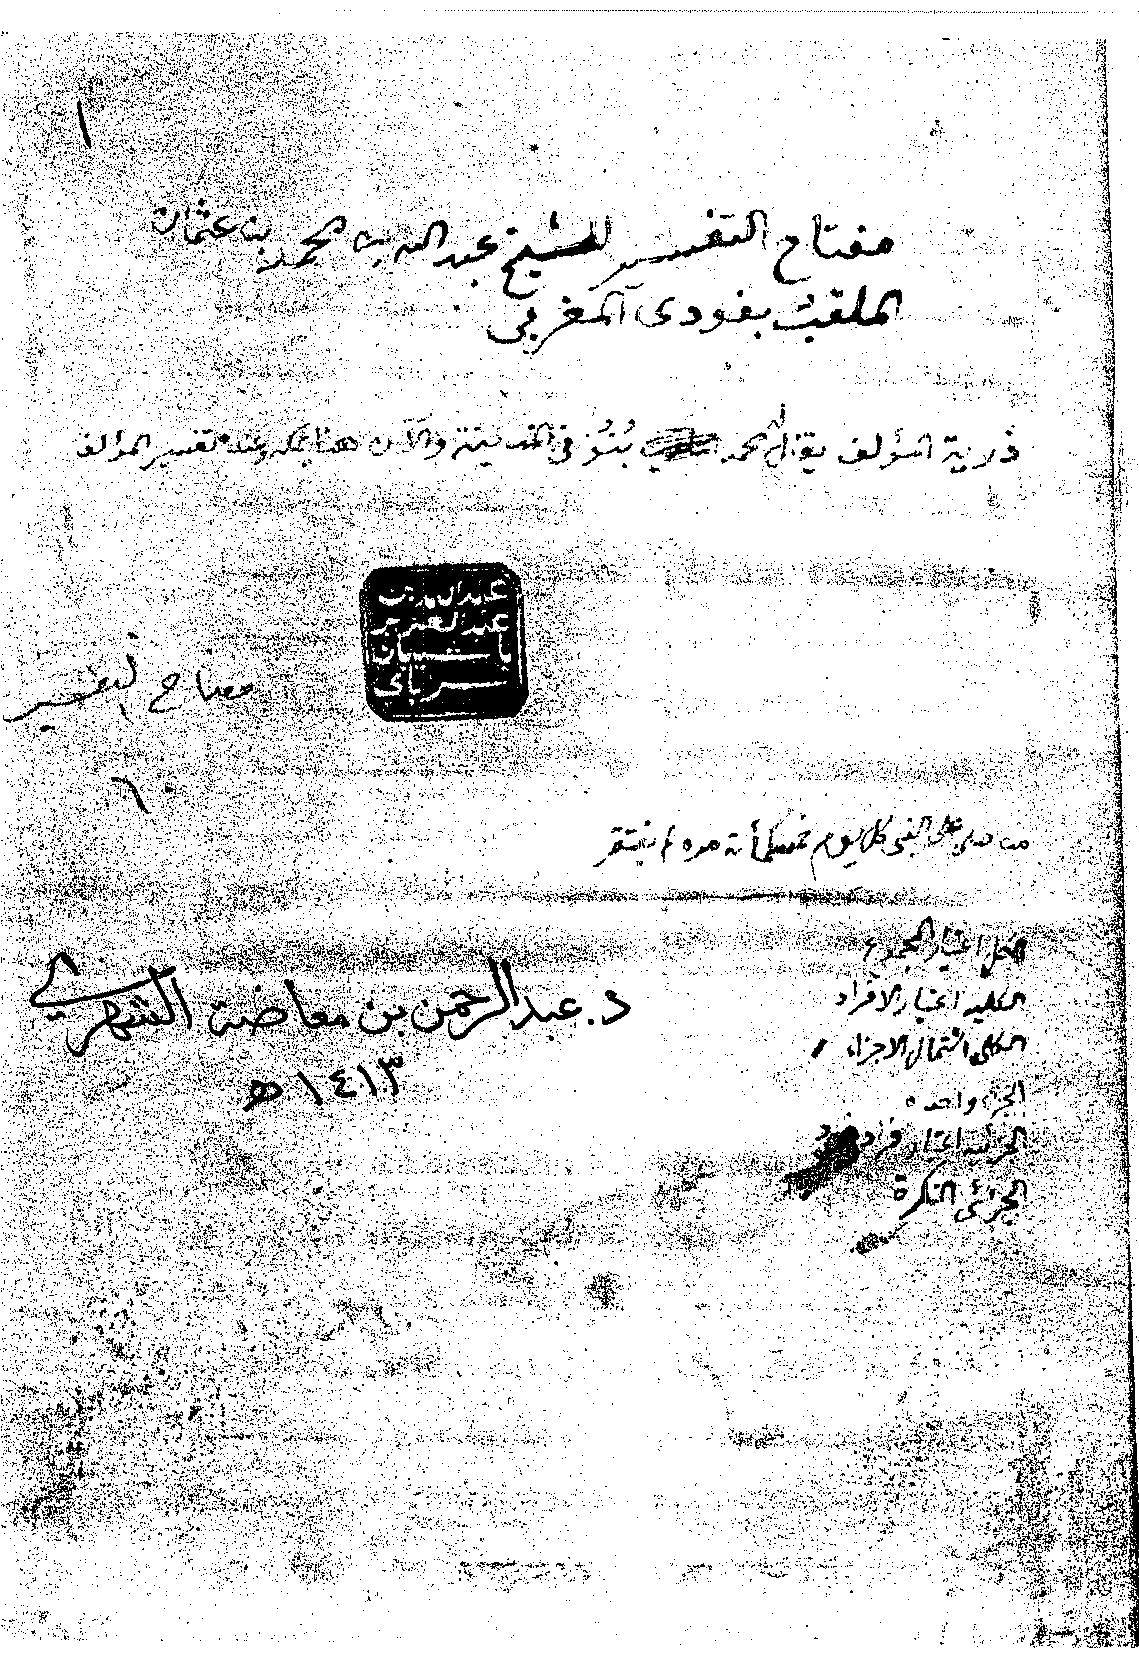 مفتاح التفسير - عبد الله بن محمد بن عثمان بن صالح فودي الصكتي النيجيري (ت 1245)